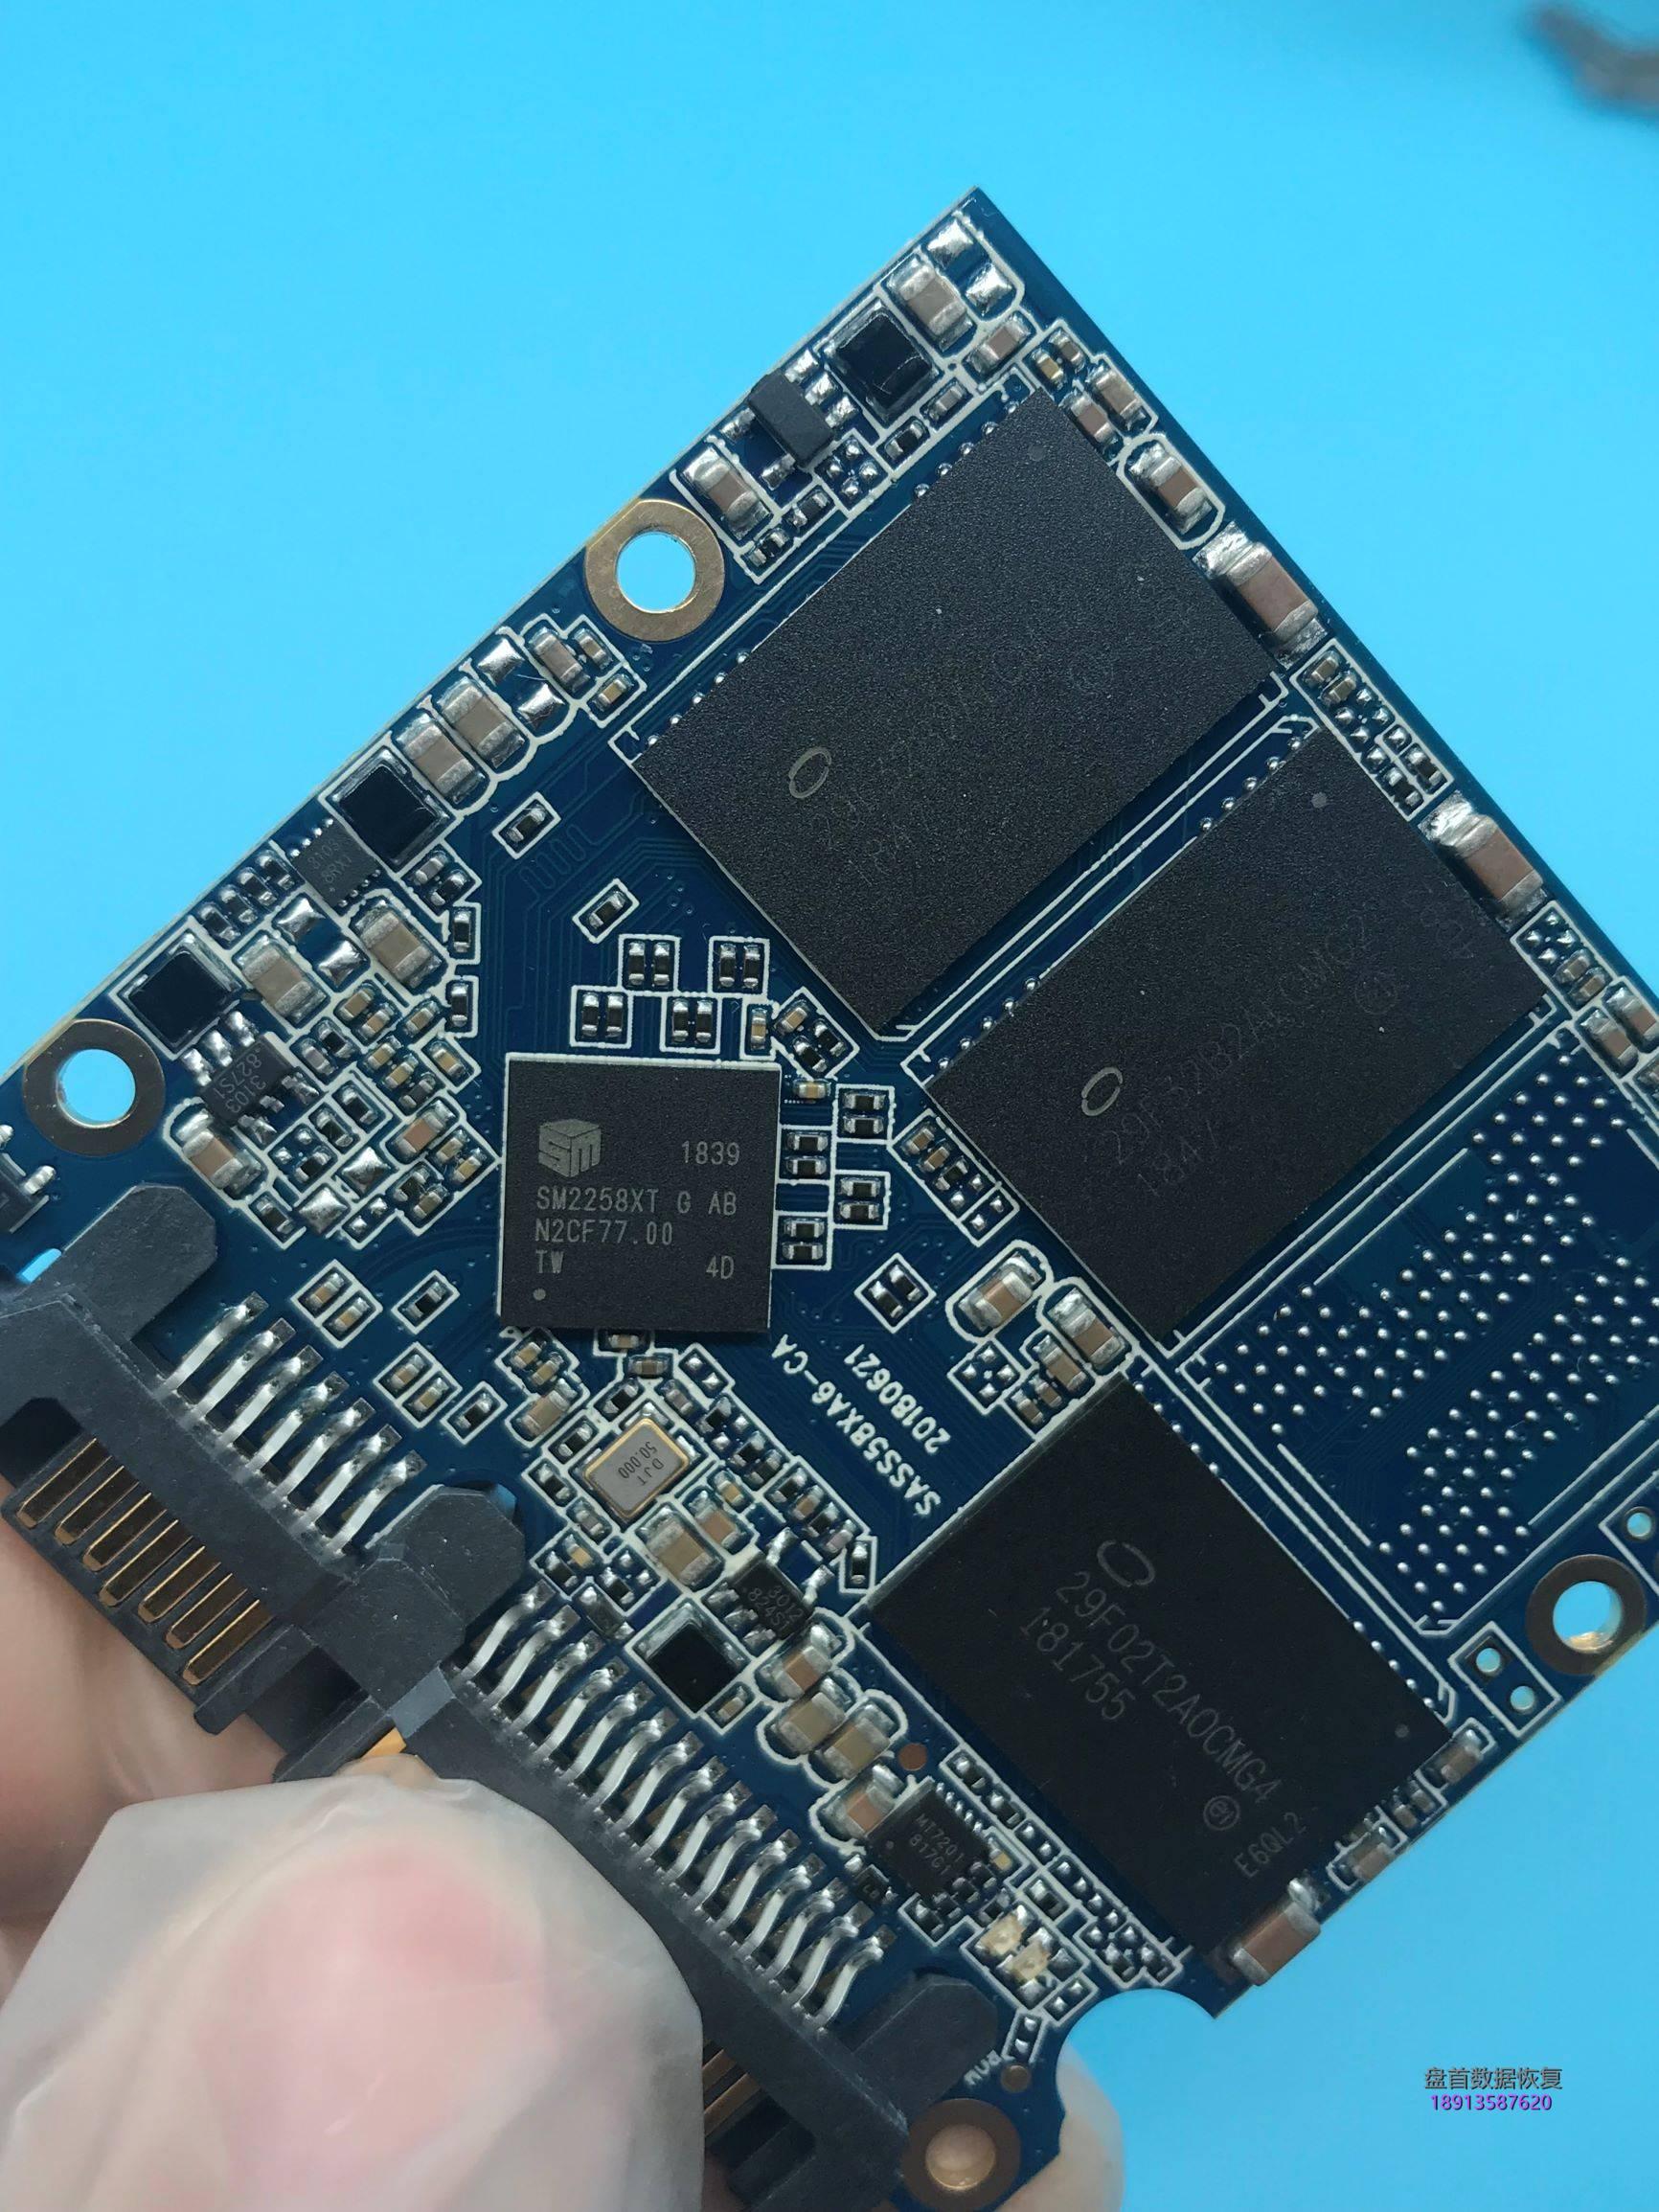 0-4 朗科N530S480G SSD固态硬盘SM2258XT主控掉盘无法识别数据成功恢复